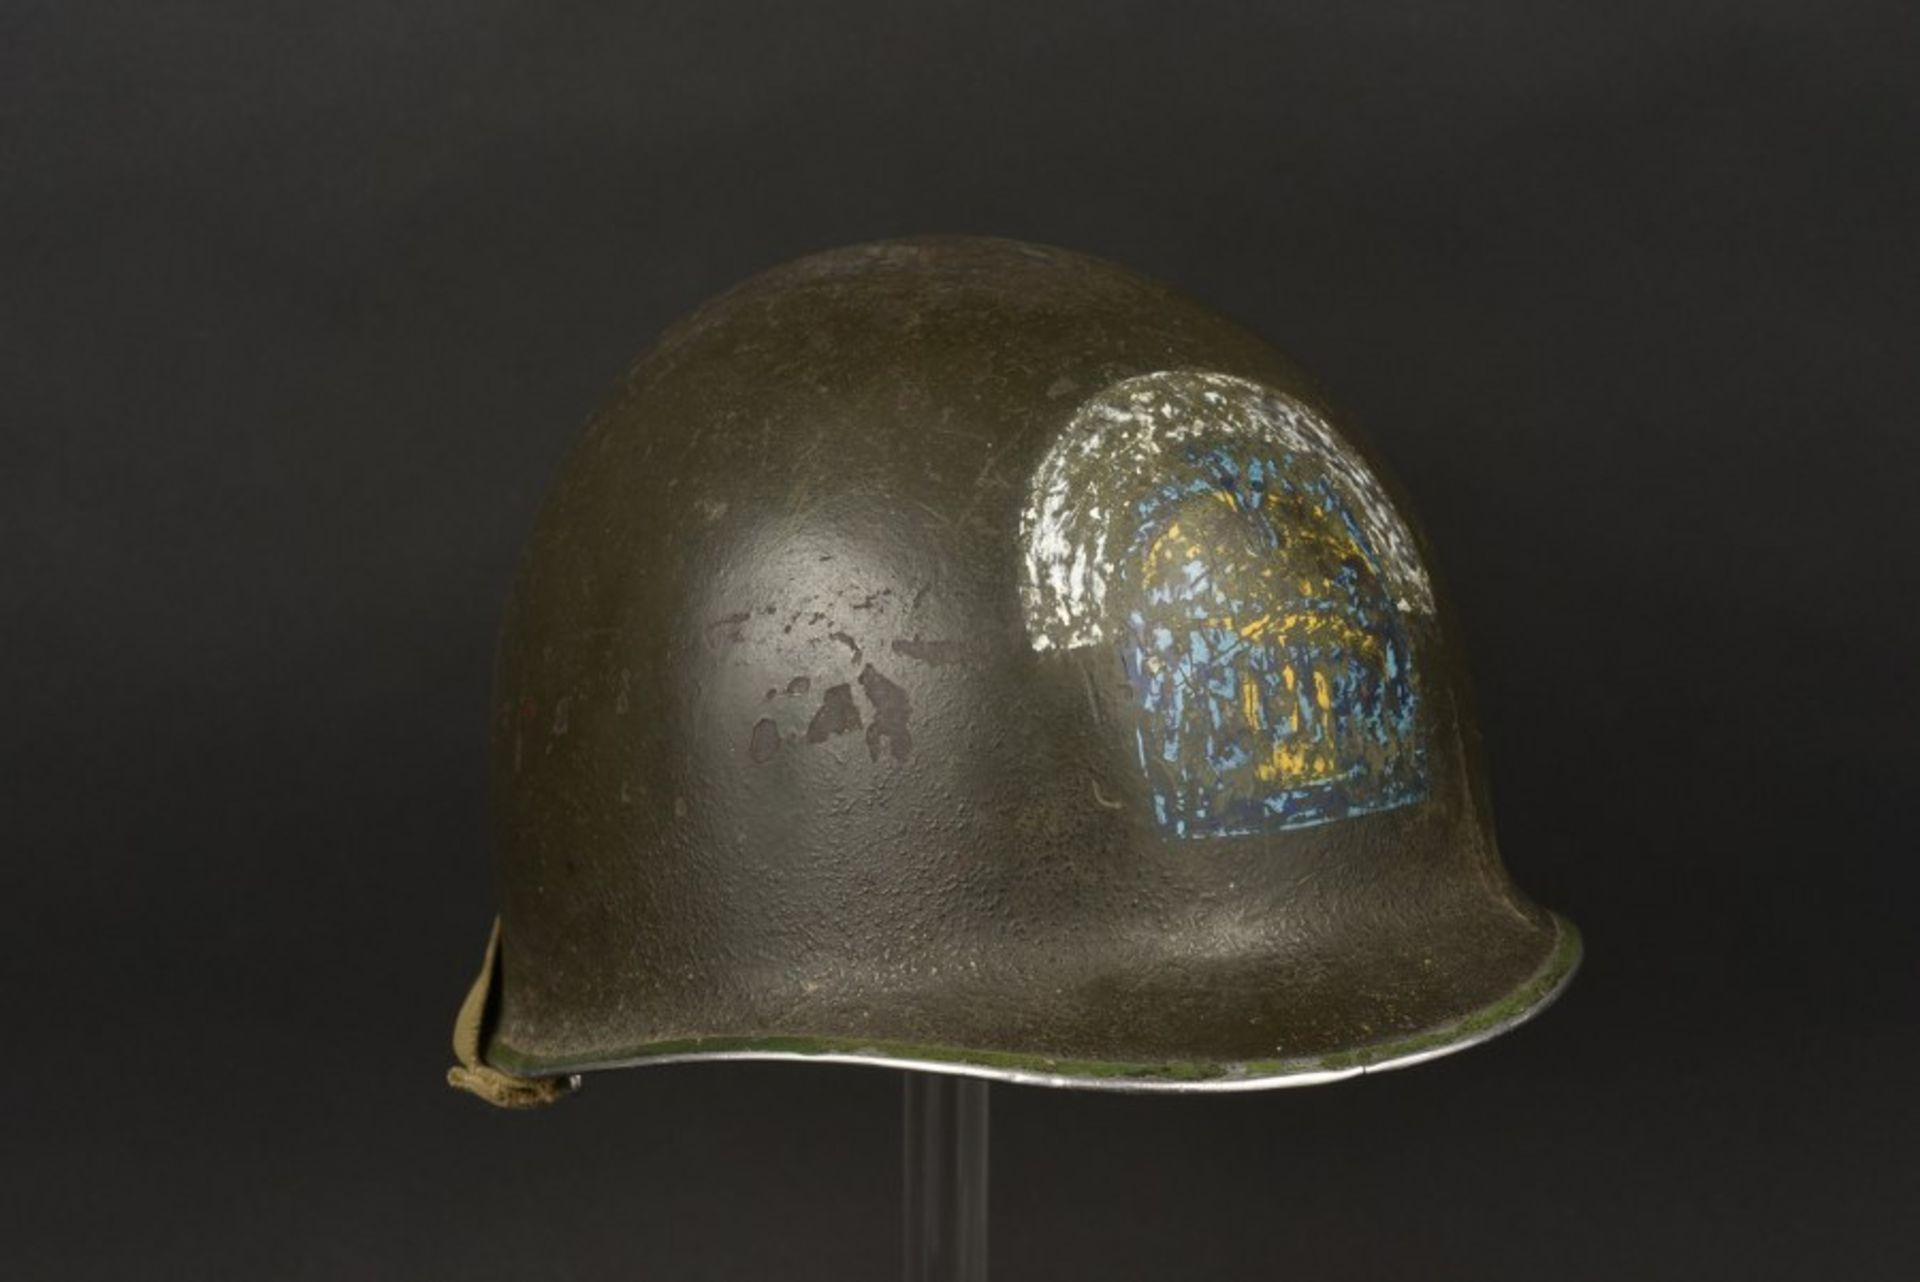 Coque de casque ESB. ESB helmet shellCoque de casque USM1, fermeture du jonc à l'avant, numéro de